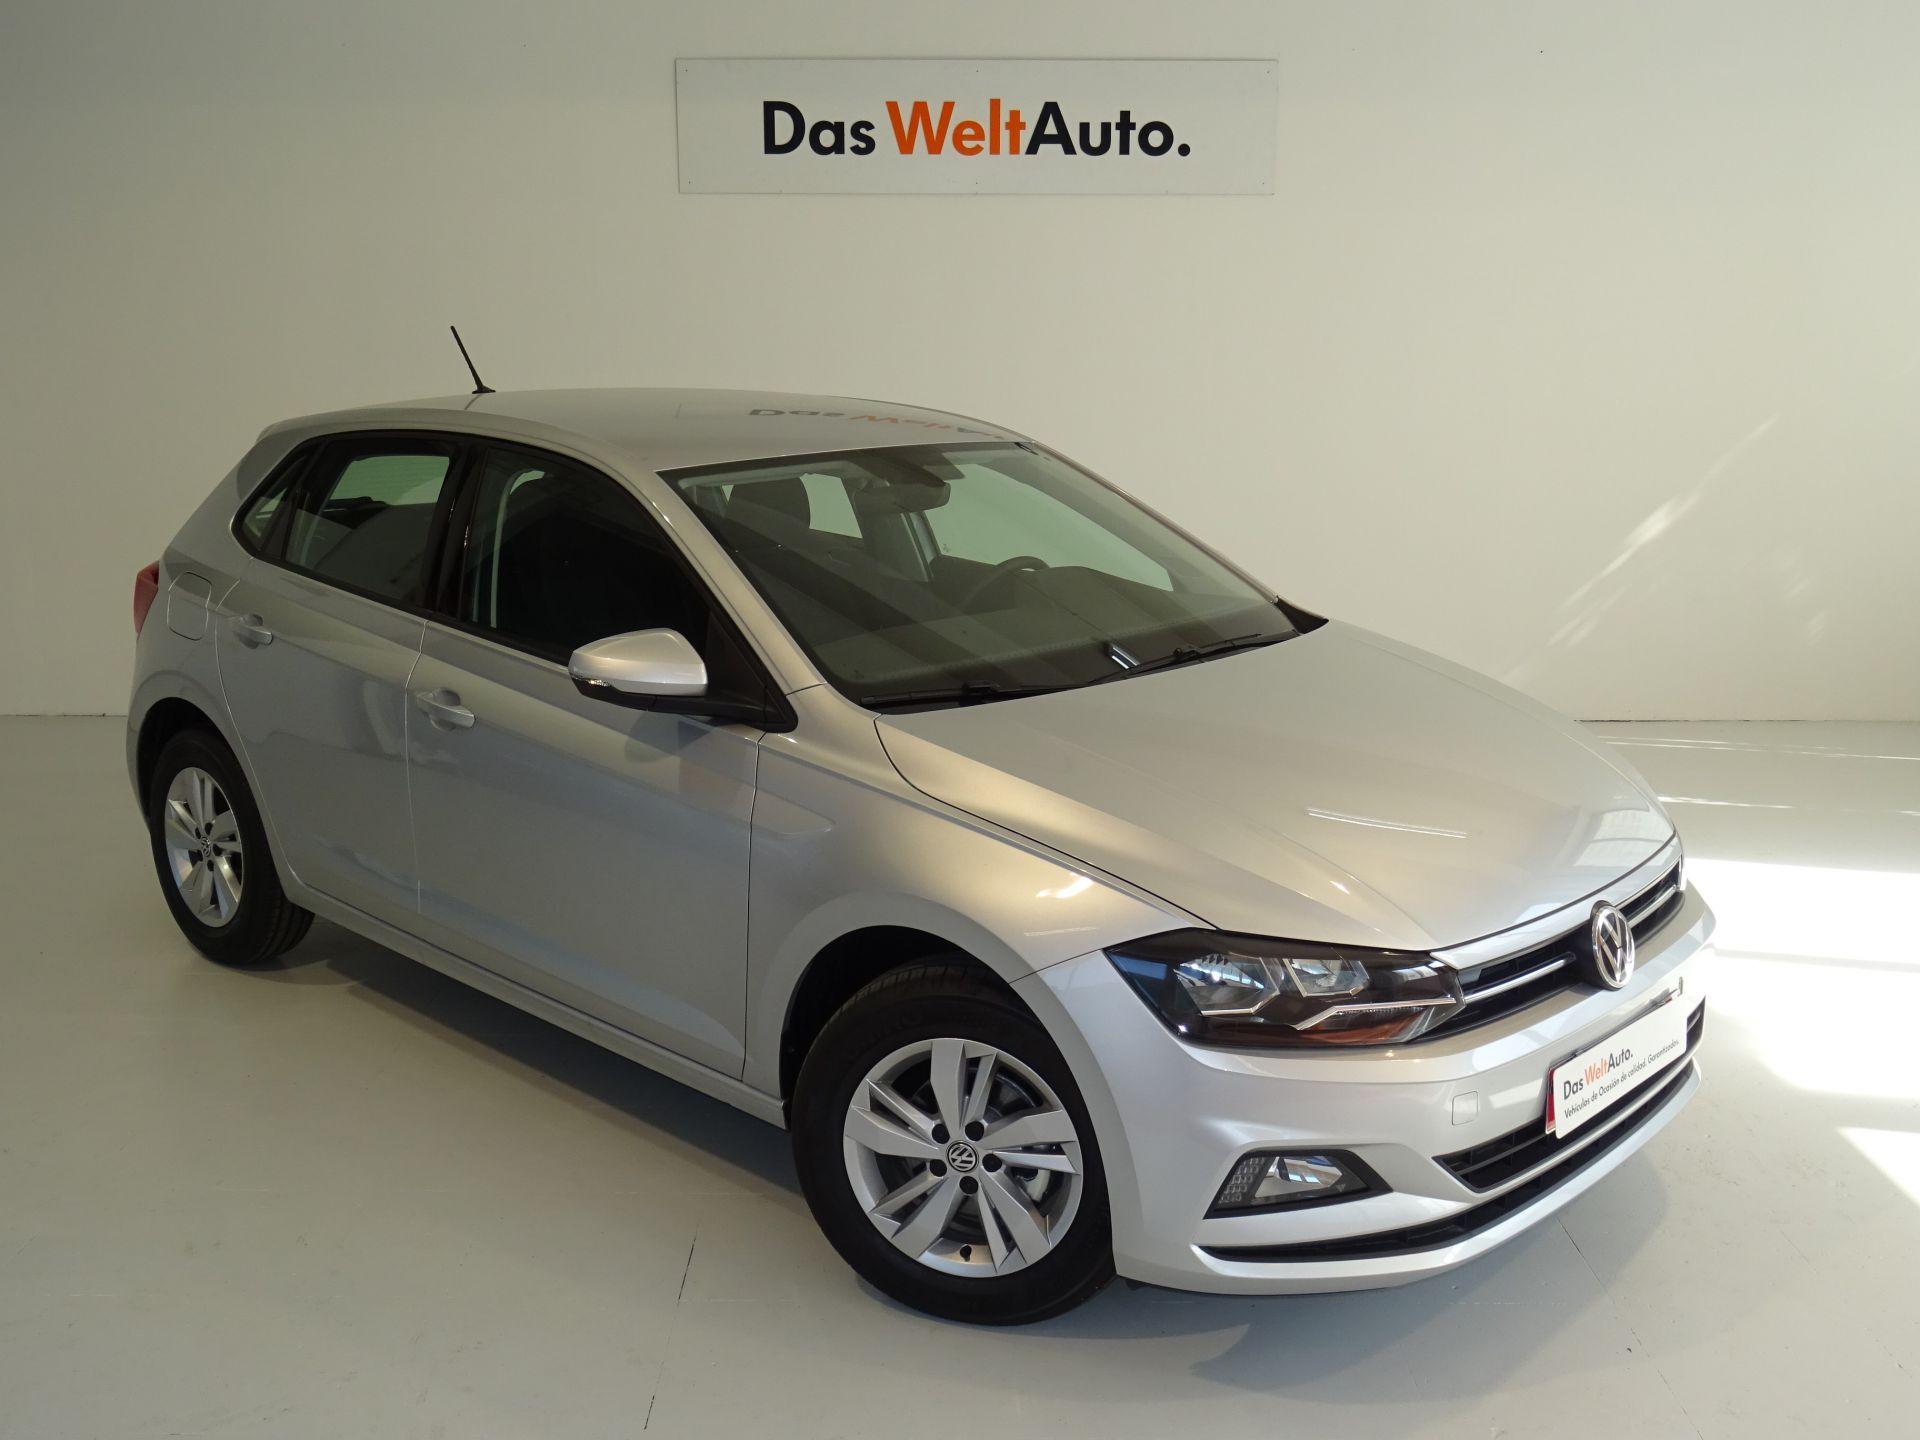 Volkswagen Polo Advance 1.0 TSI 70kW (95CV) DSG